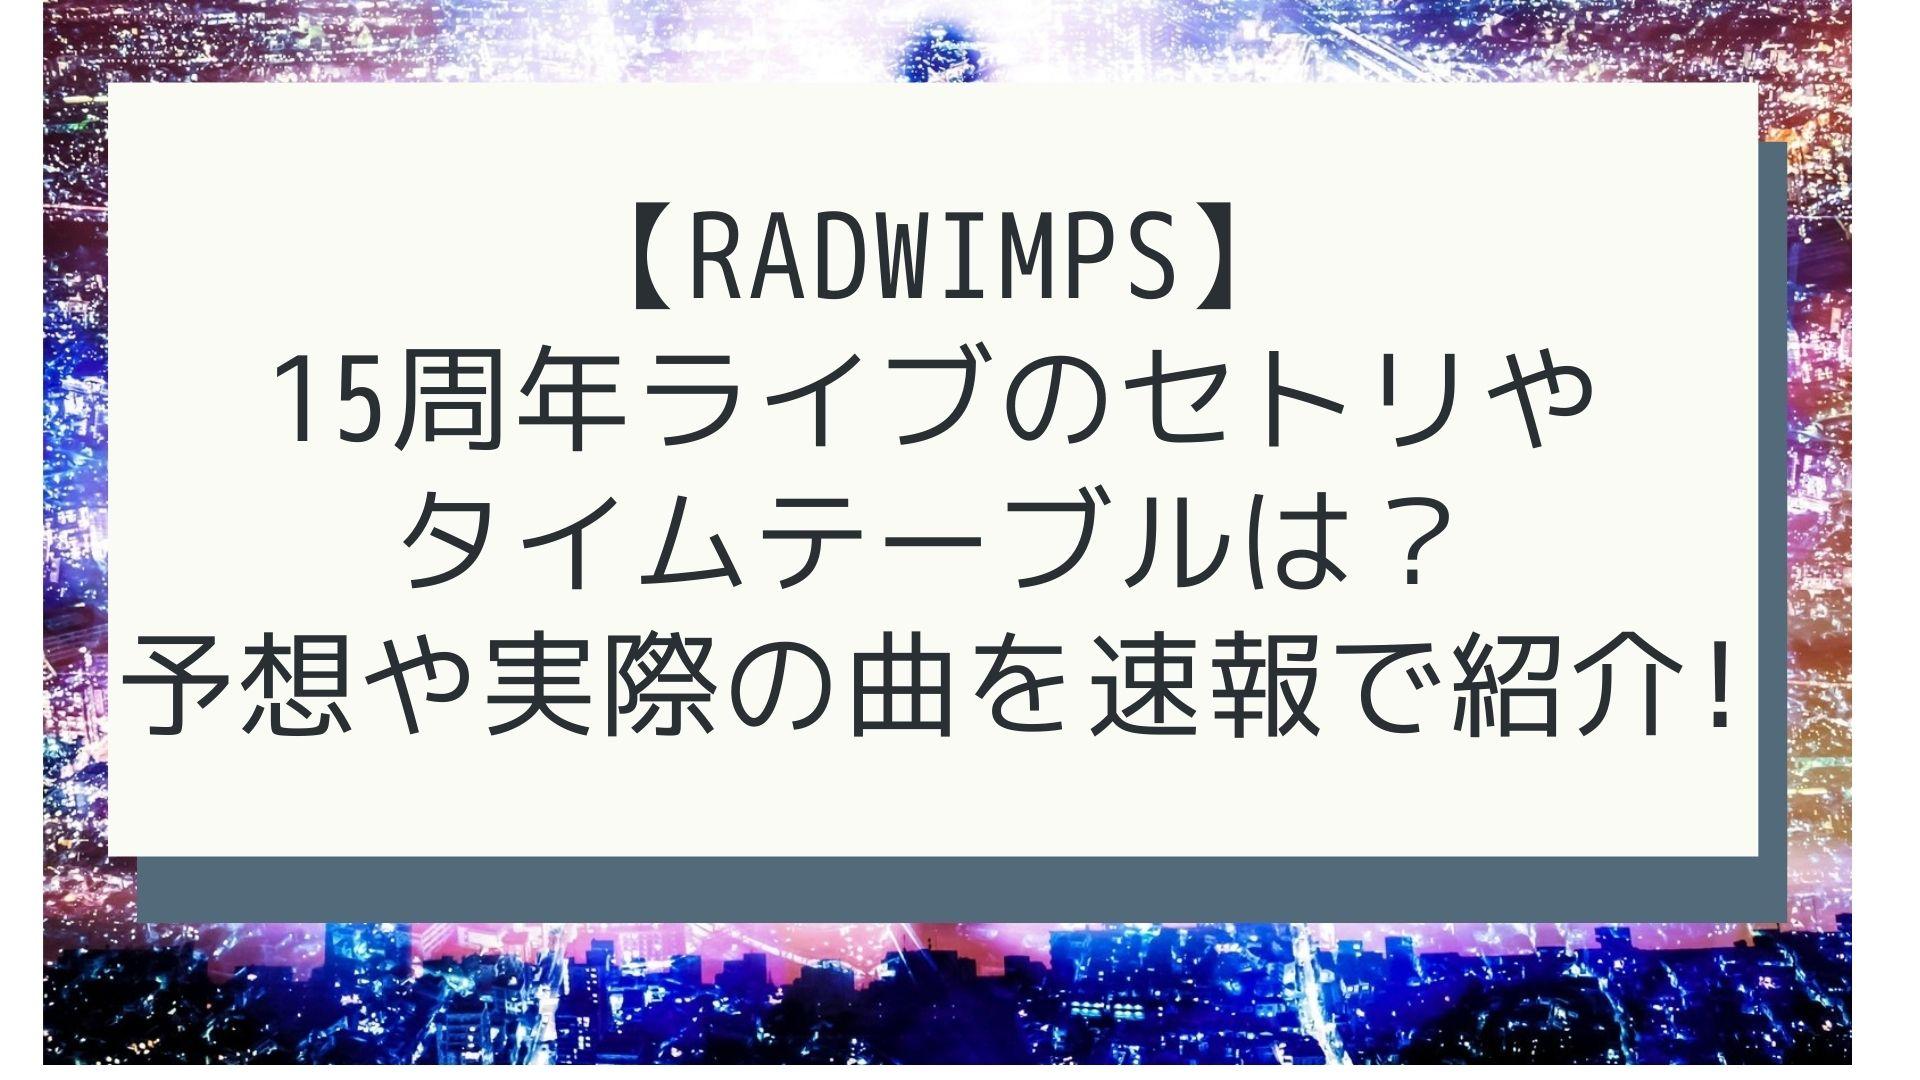 【RADWIMPS】 15周年ライブのセトリや タイムテーブルは? 予想や実際の曲を速報で紹介!タイトル画像